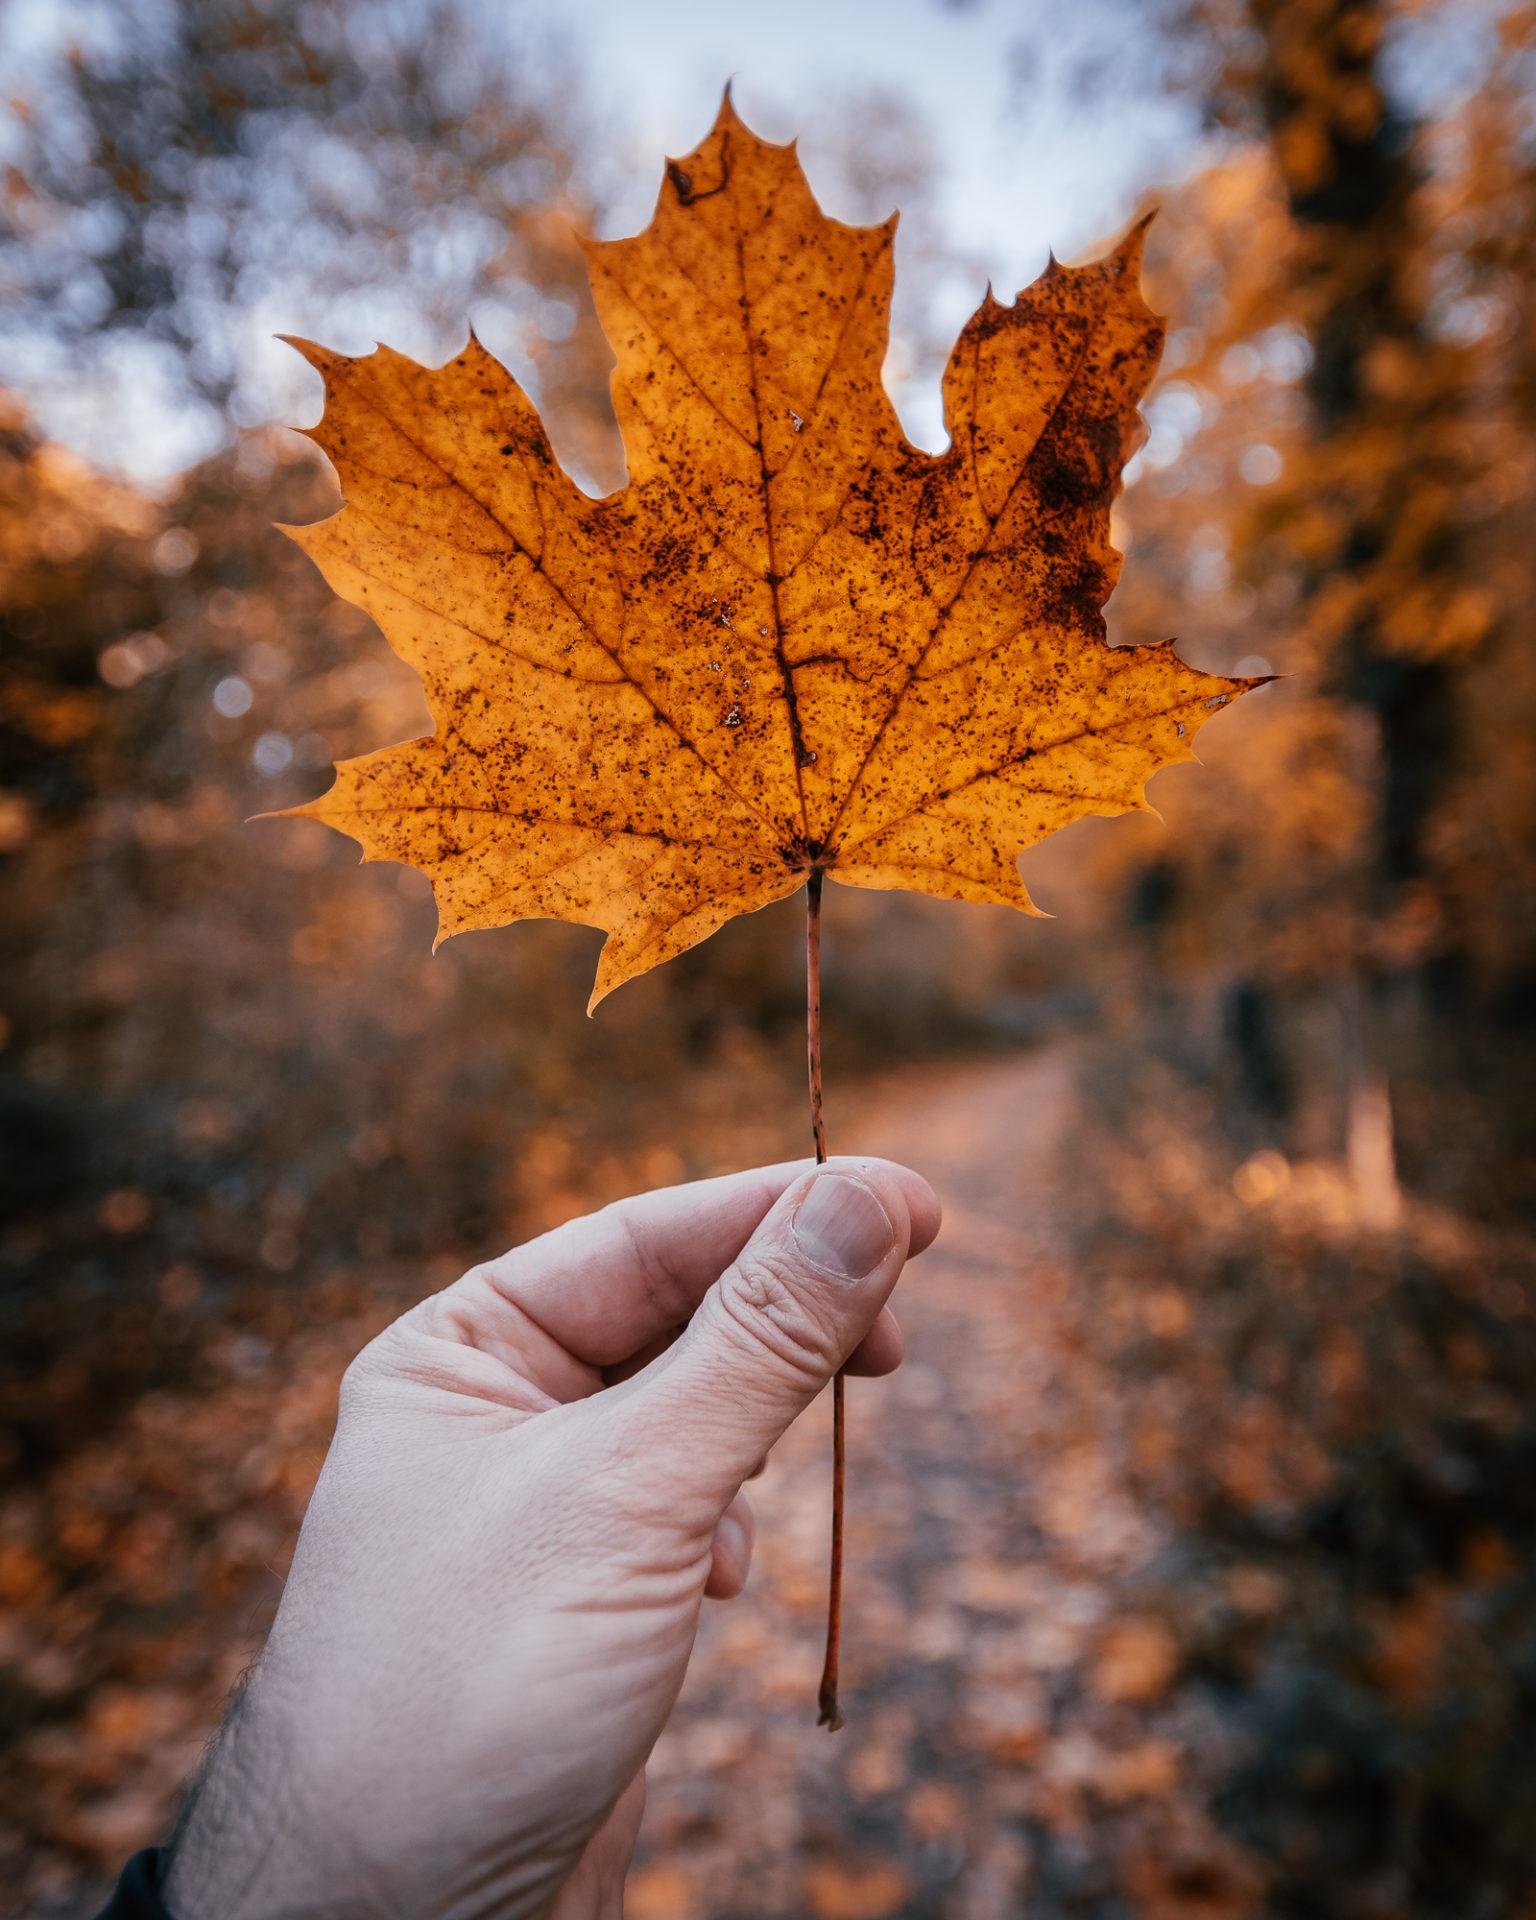 Herbstliche Ahornblatt wird vor die Kamera gehalten